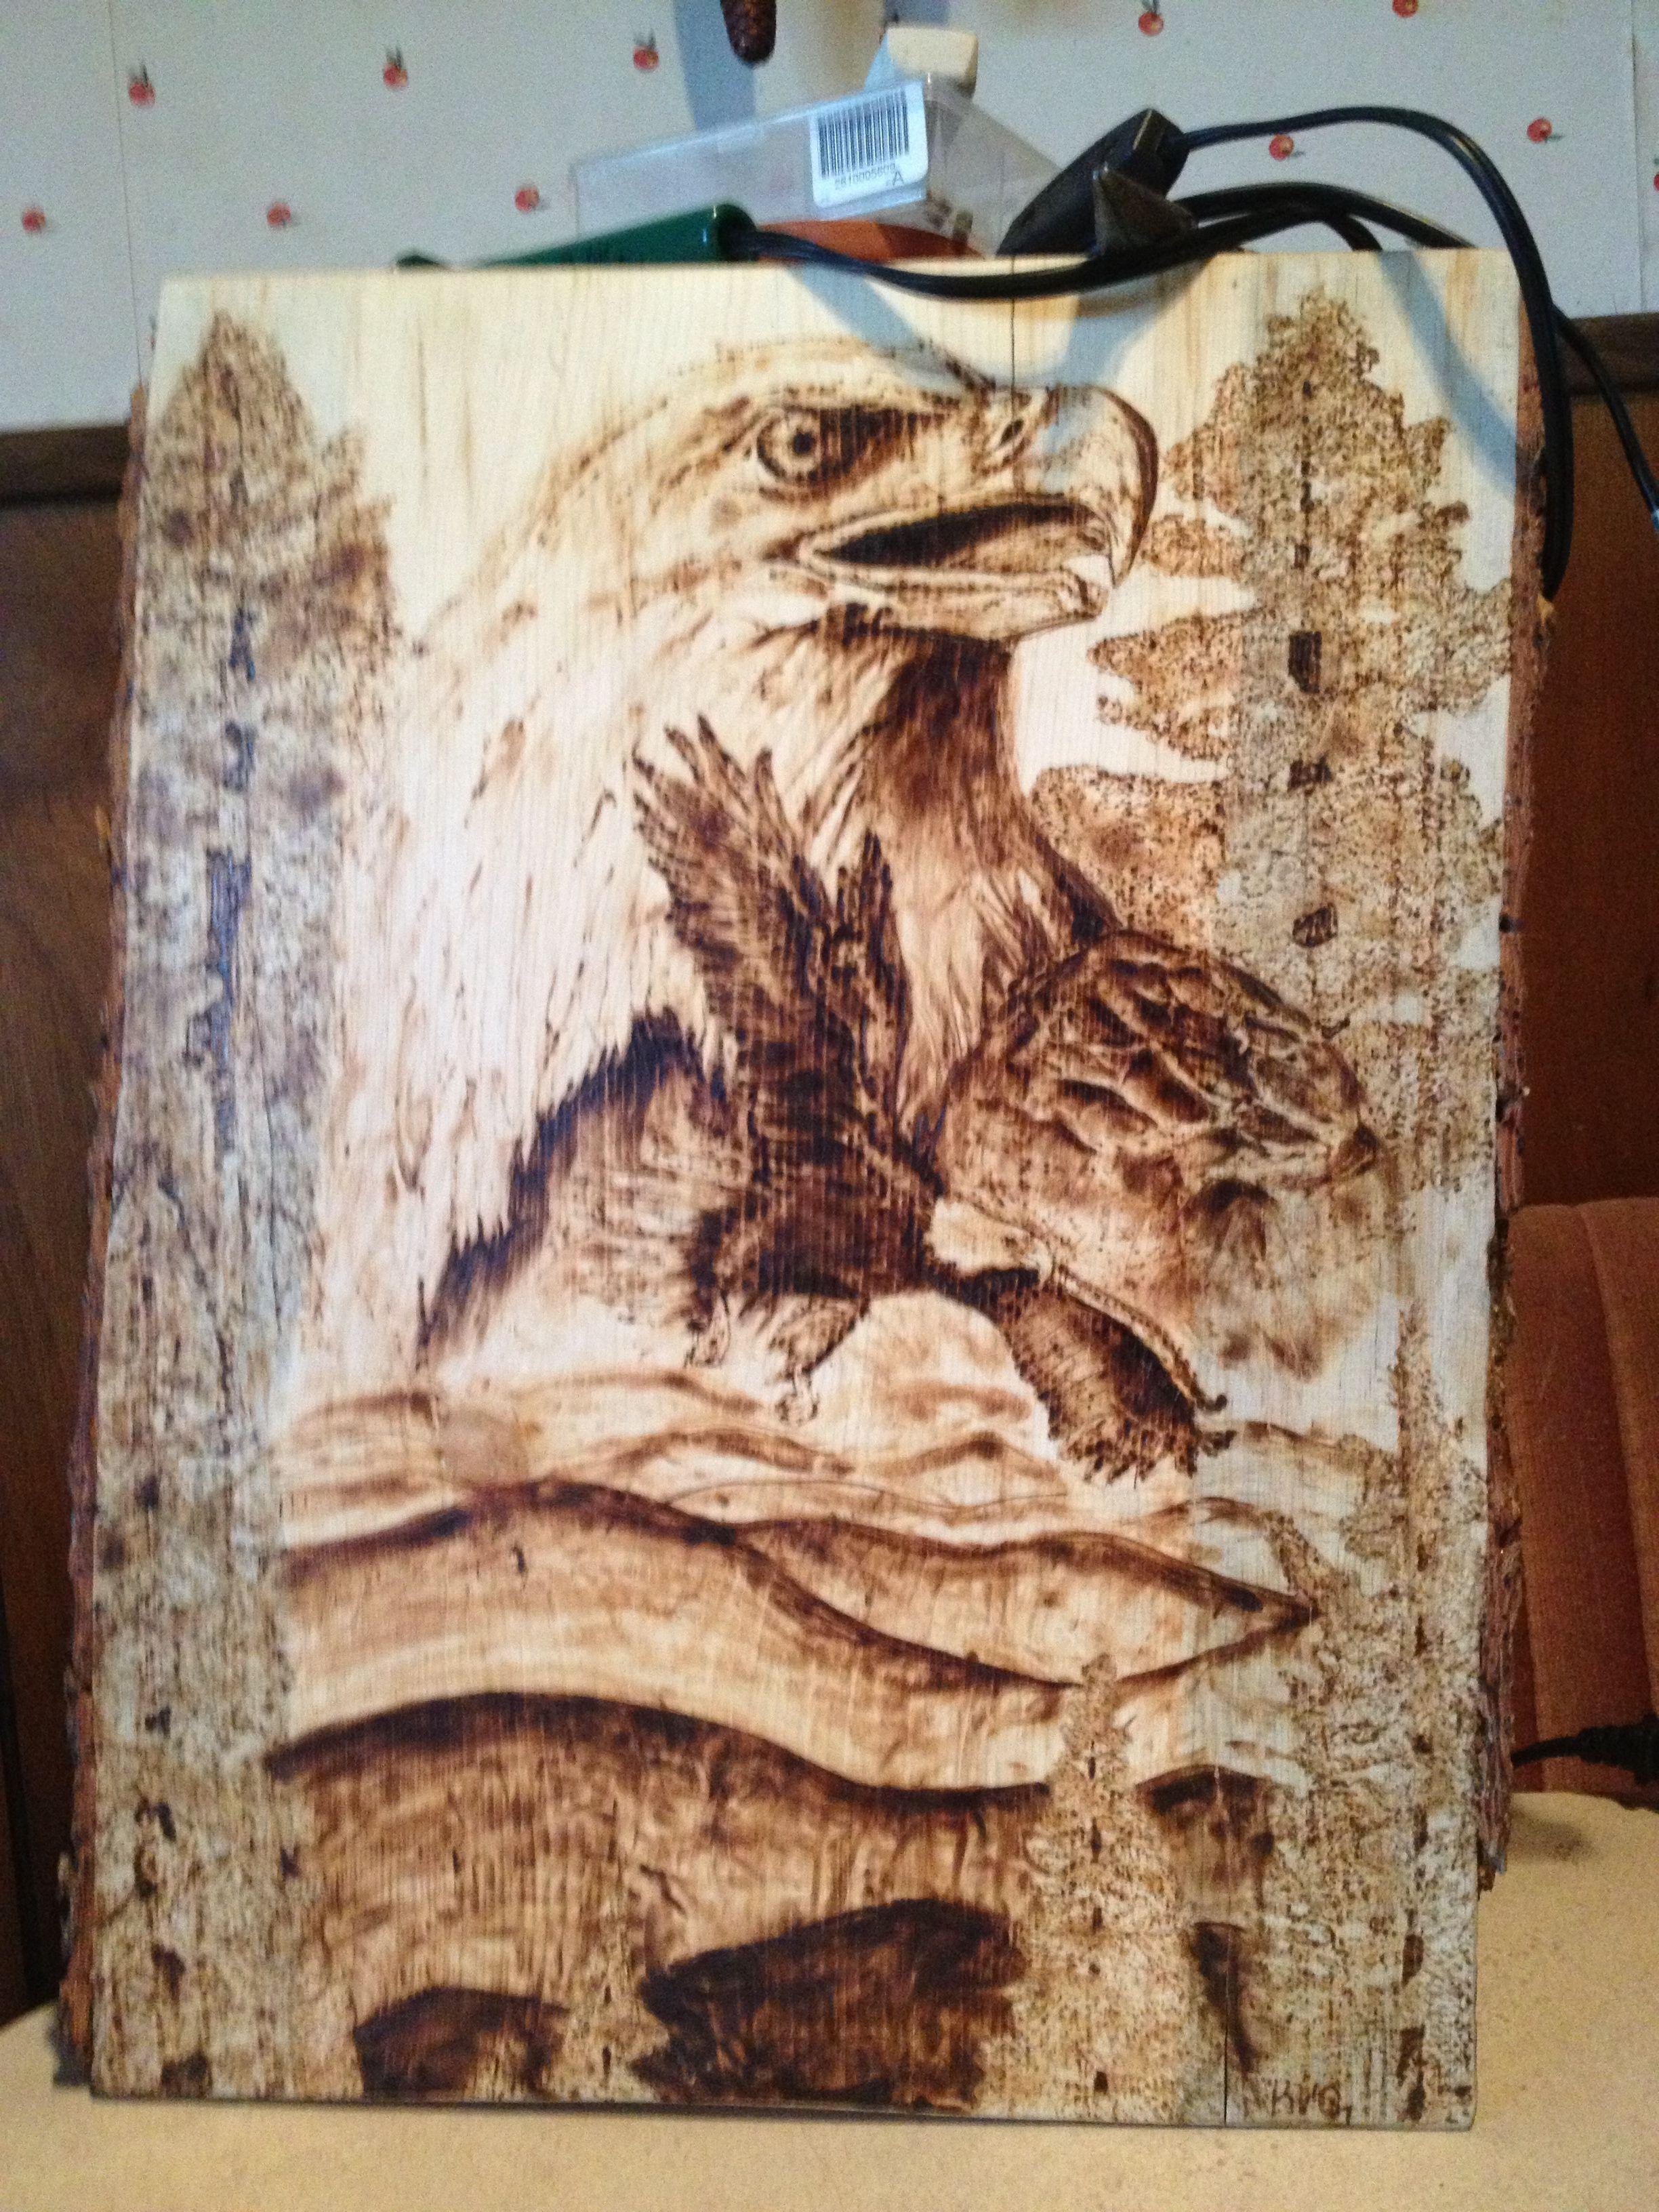 Woodburning, pyrography, eagle,